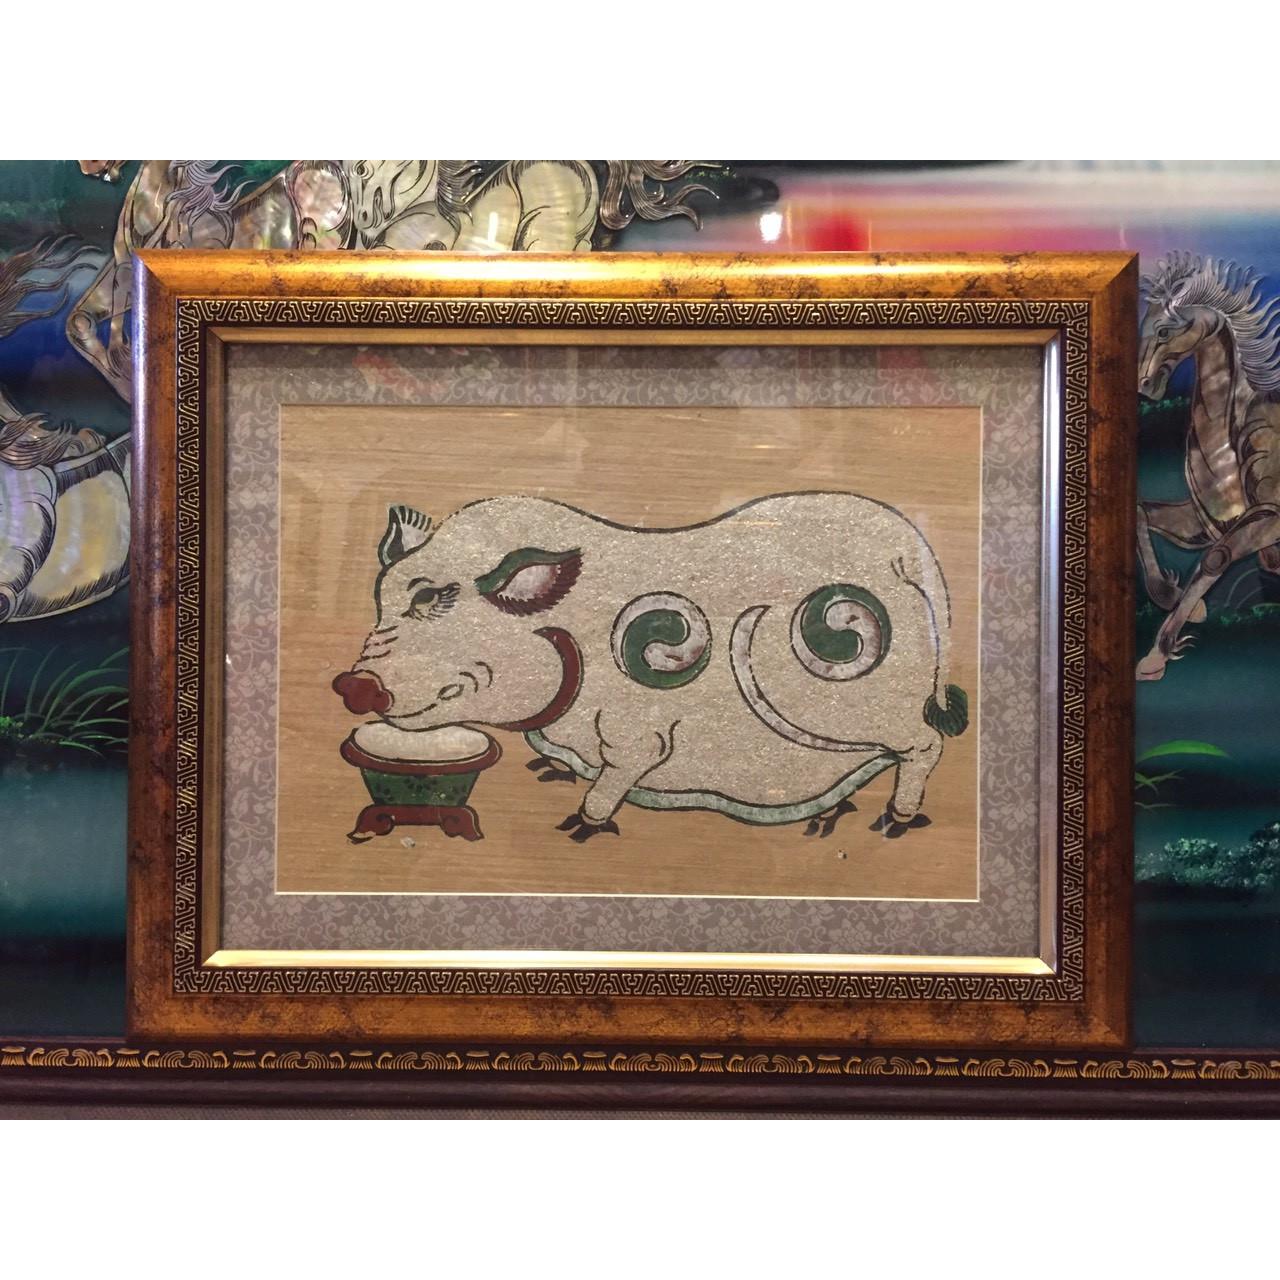 Tranh dân gian Đông Hồ - Lợn độc bên máng thức ăn